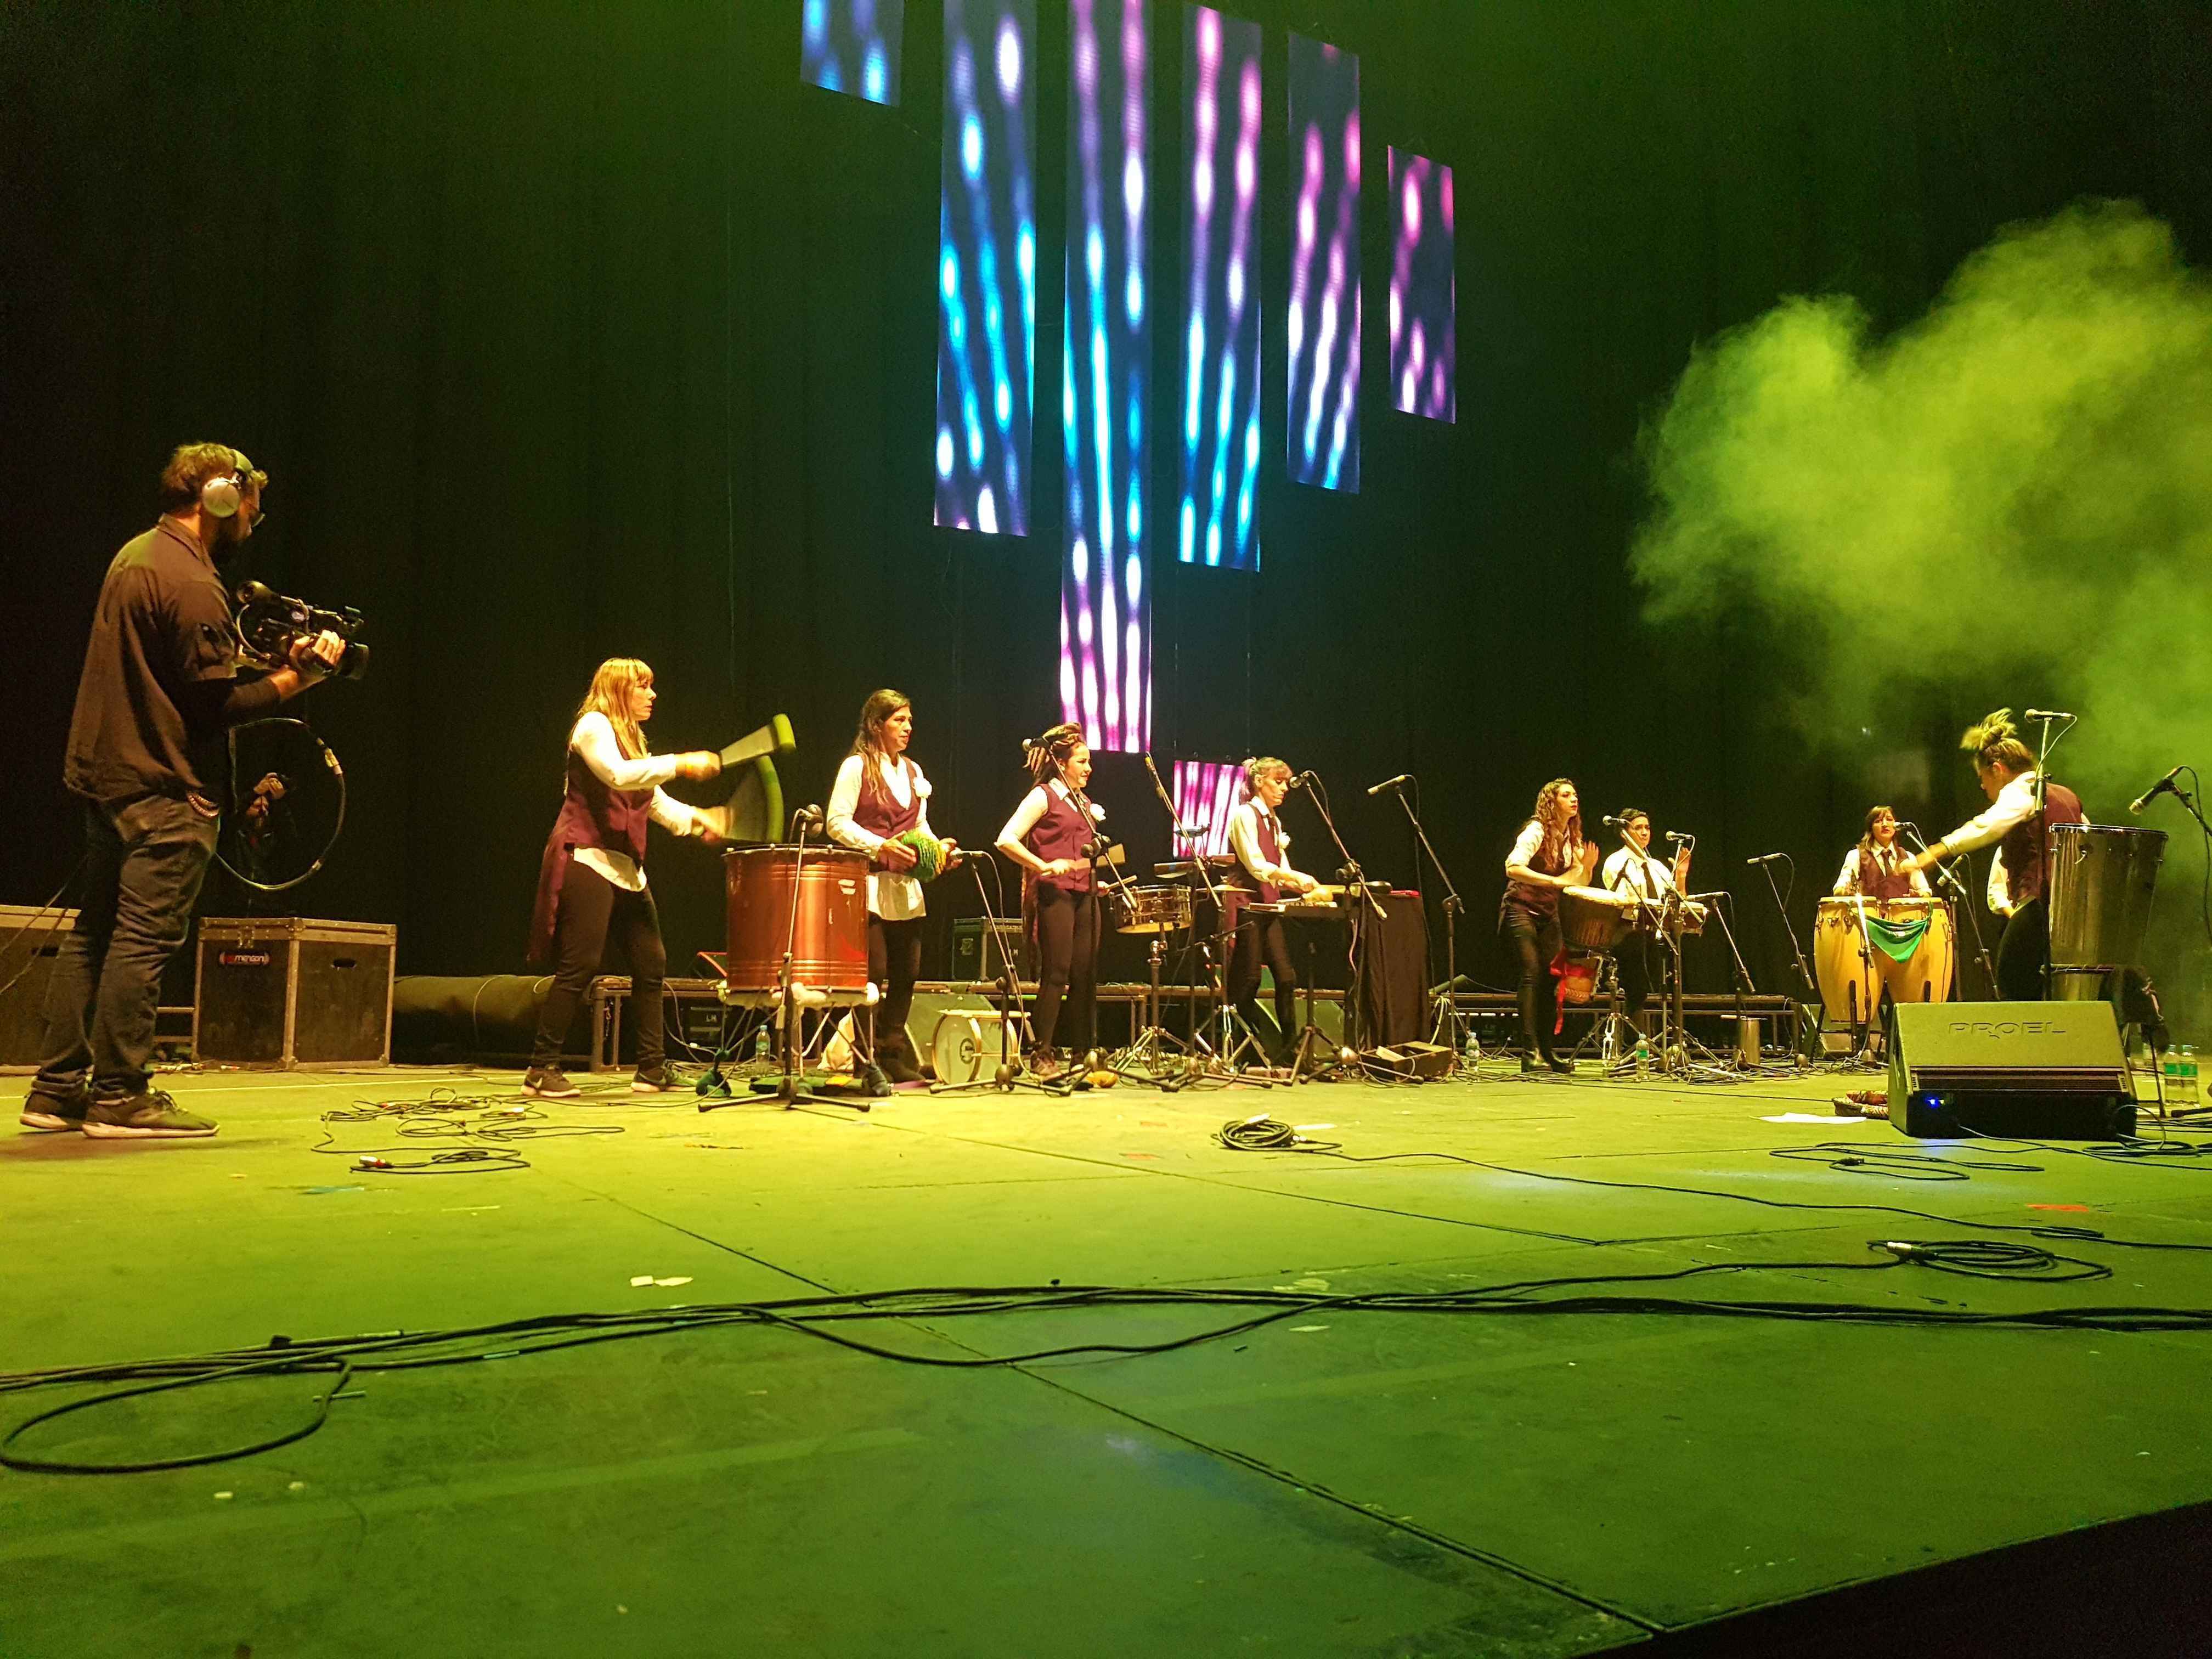 O grupo Tamboreras Ensamble liderado por Vivi Pozzebón: ritmos afrolatinos